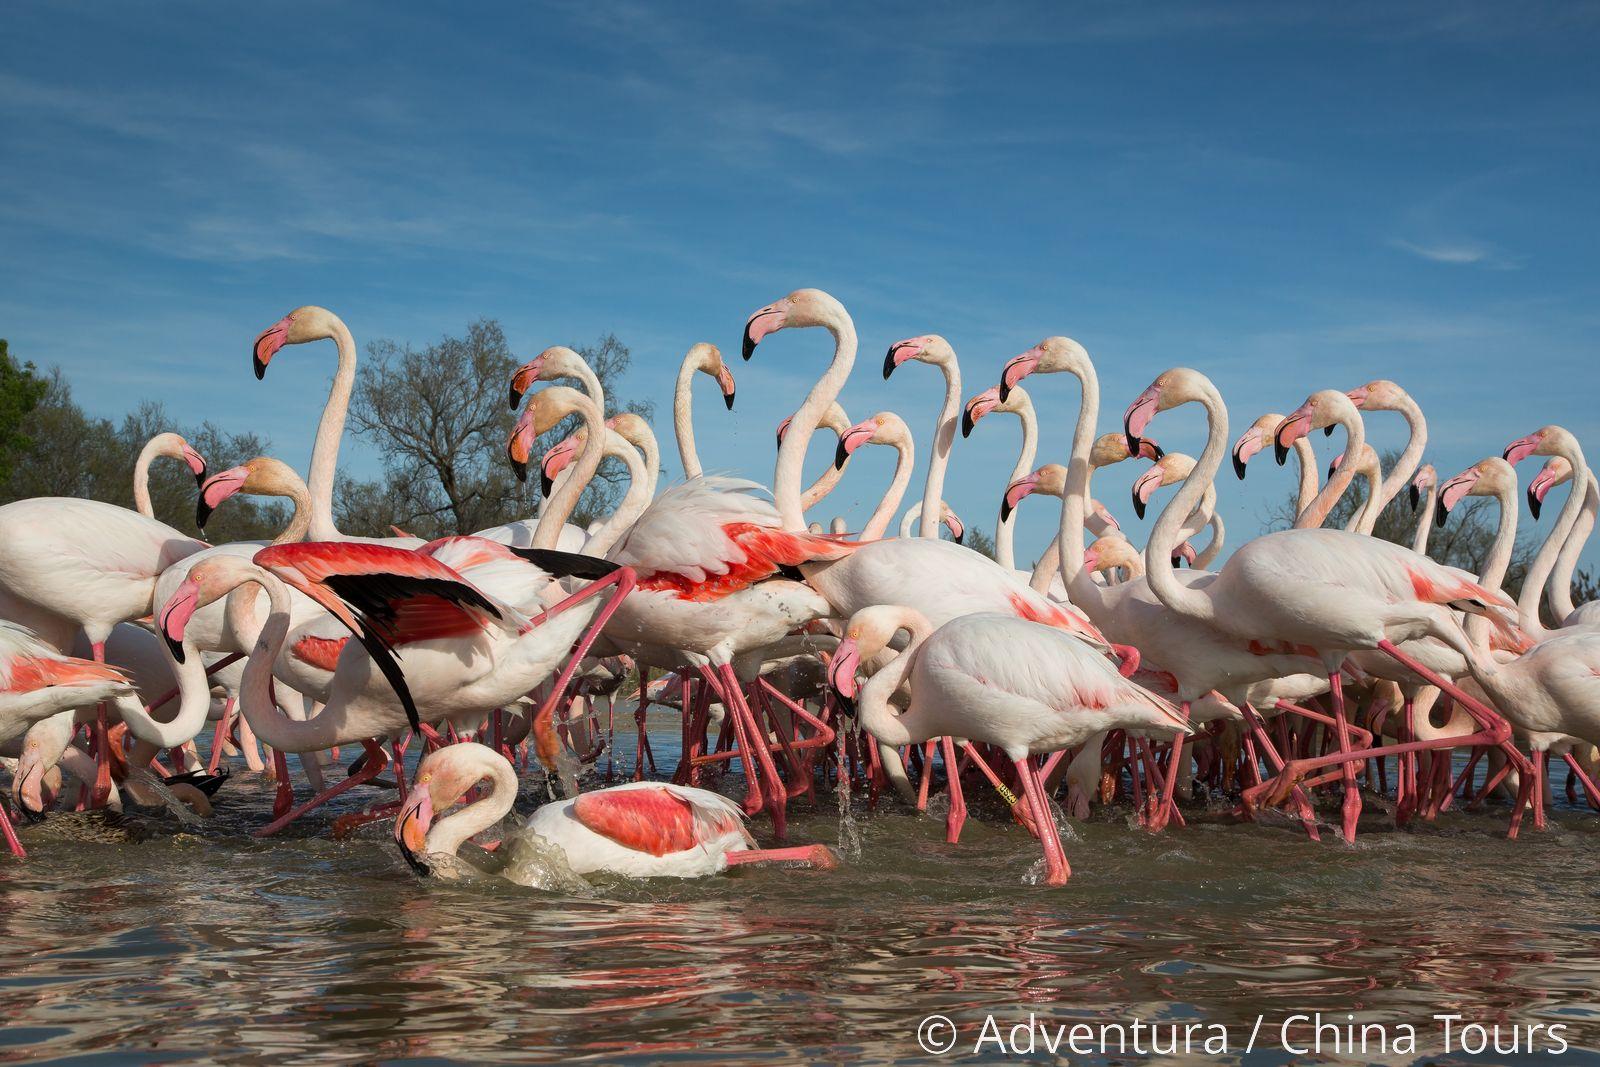 aea04dbeea80 Národní park Camargue - Adventura.cz - poznávací dovolená, turistika,  dovolená na kole